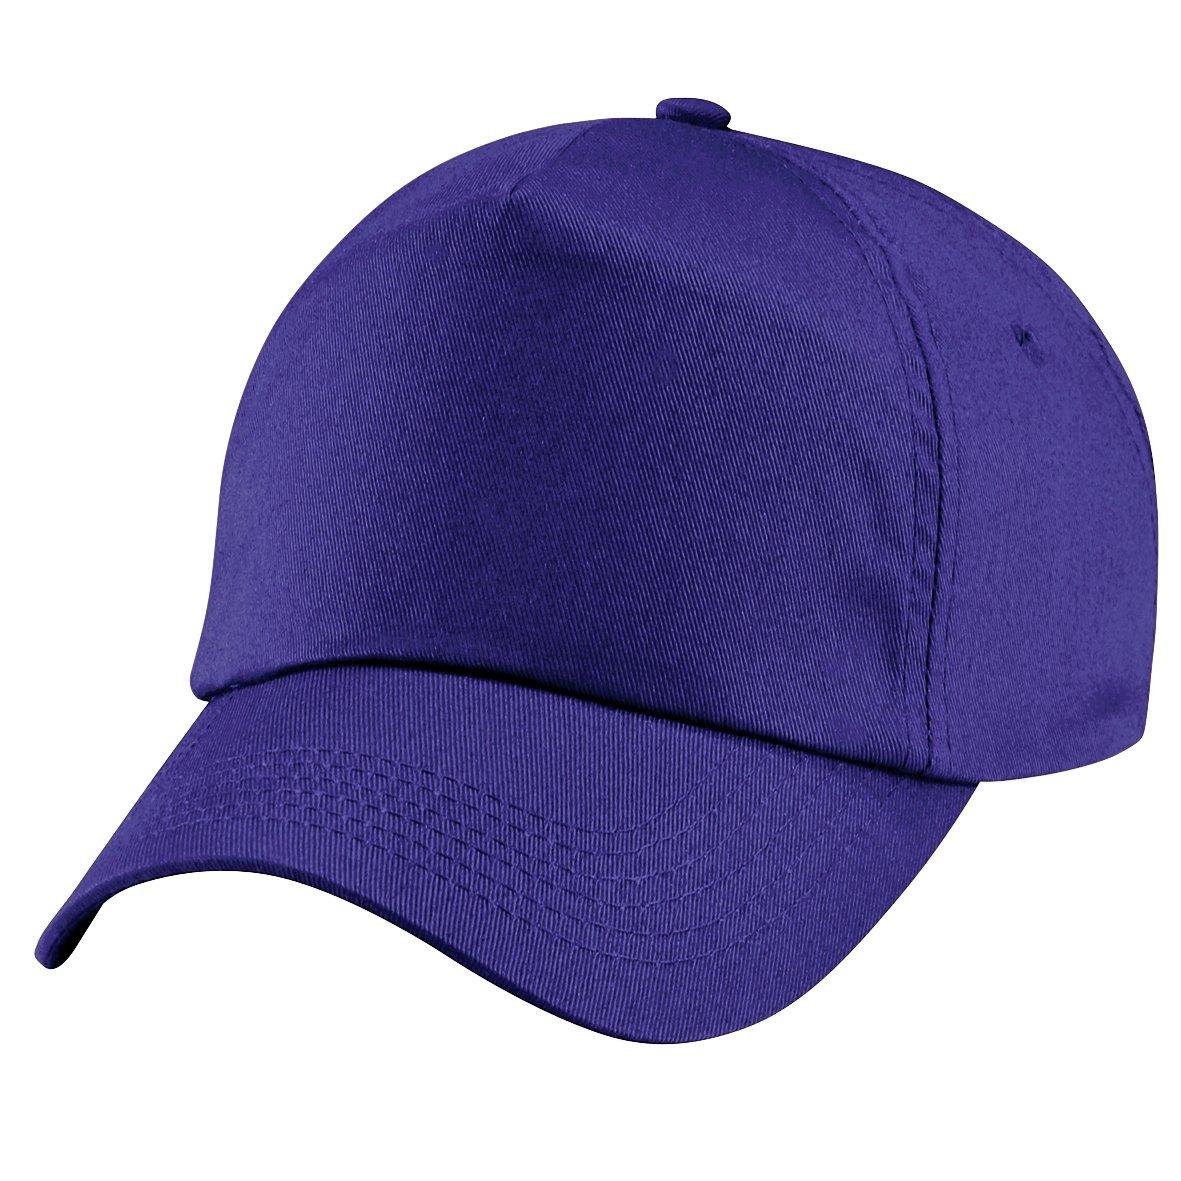 Beechfield - Cappellino Tinta Unita 100% Cotone - Bambino (Taglia unica) (Viola)